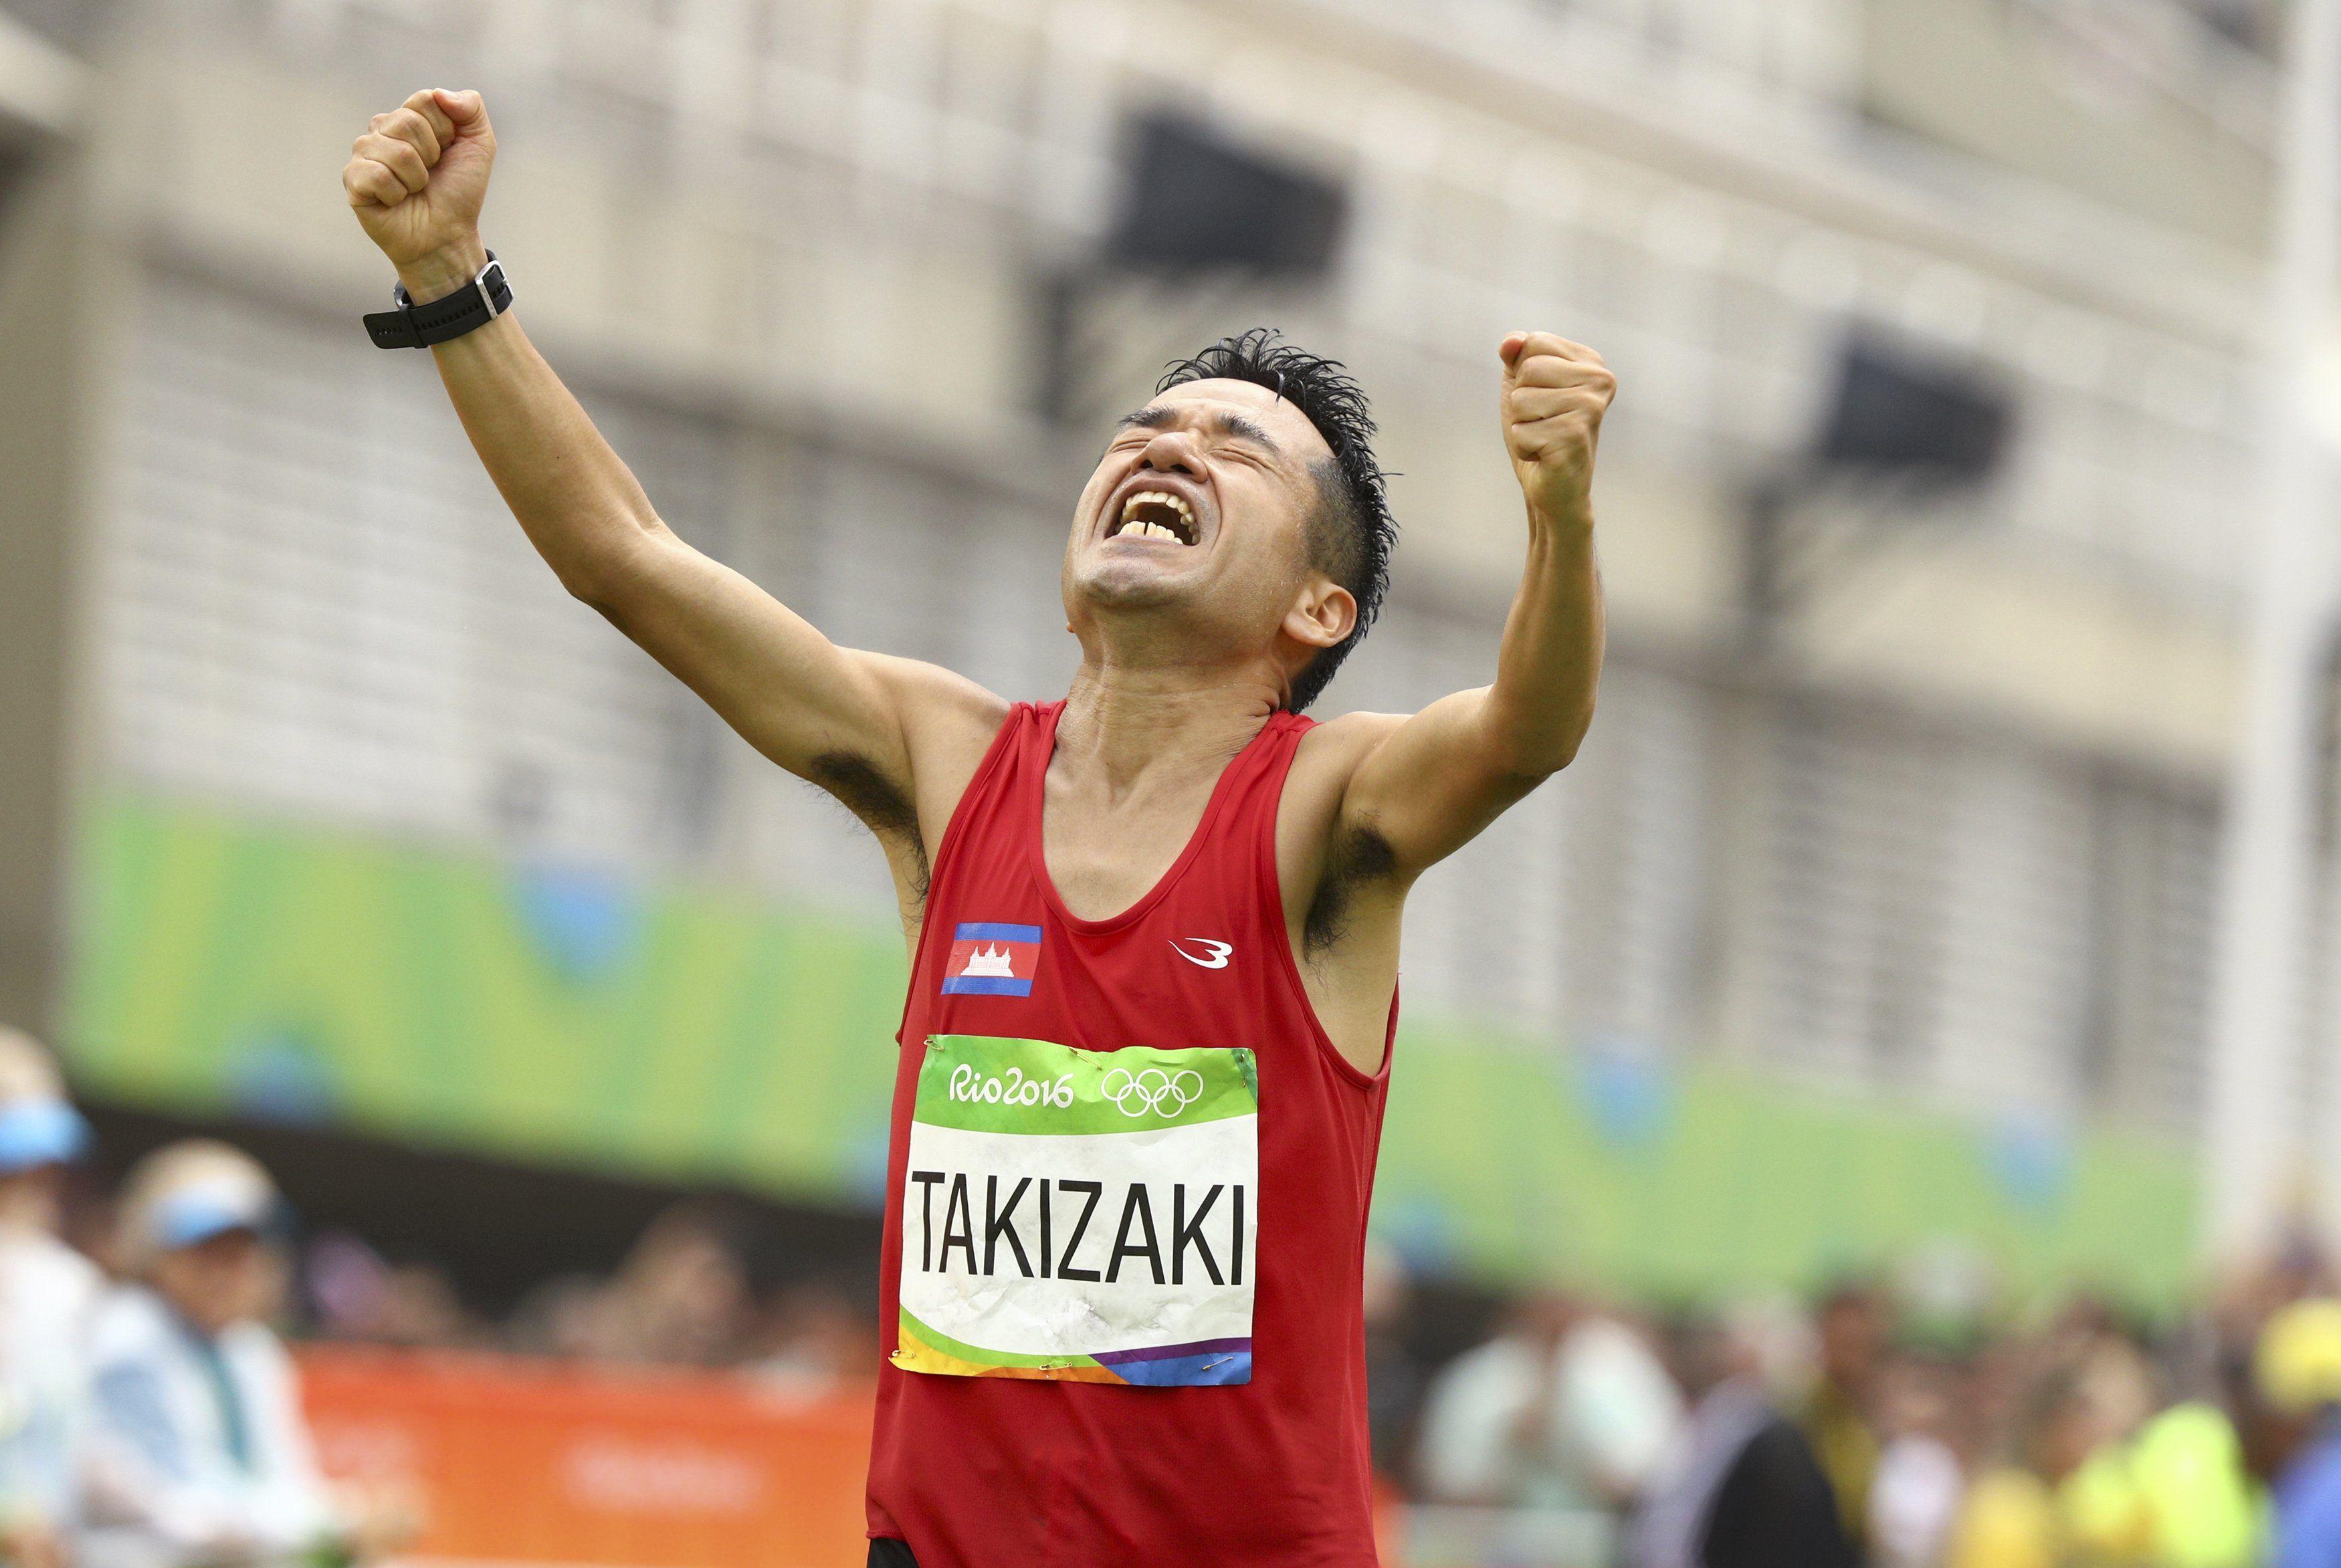 Радість переможців, олімпіада-2016_7